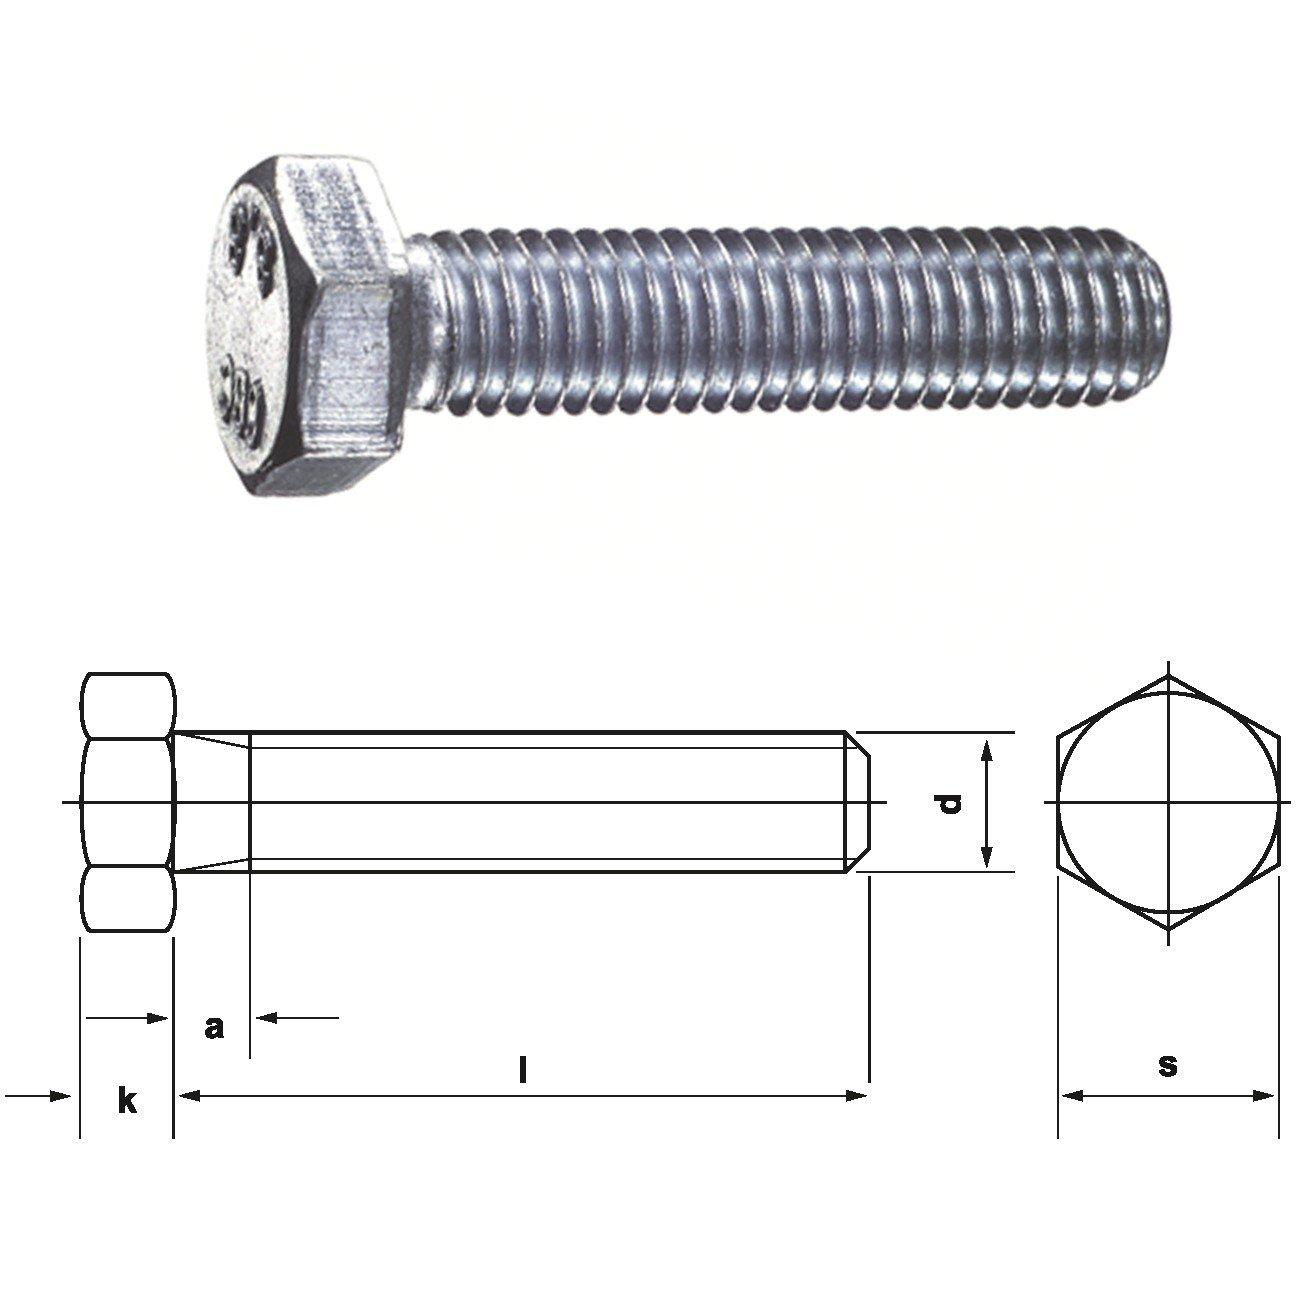 verzinkt 50 St/ück, M 12 x 70 galv Dresselhaus 0//0222//001//12,0//70// //01 Sechskantschrauben 8.8 mit Gewinde bis Kopf DIN 933